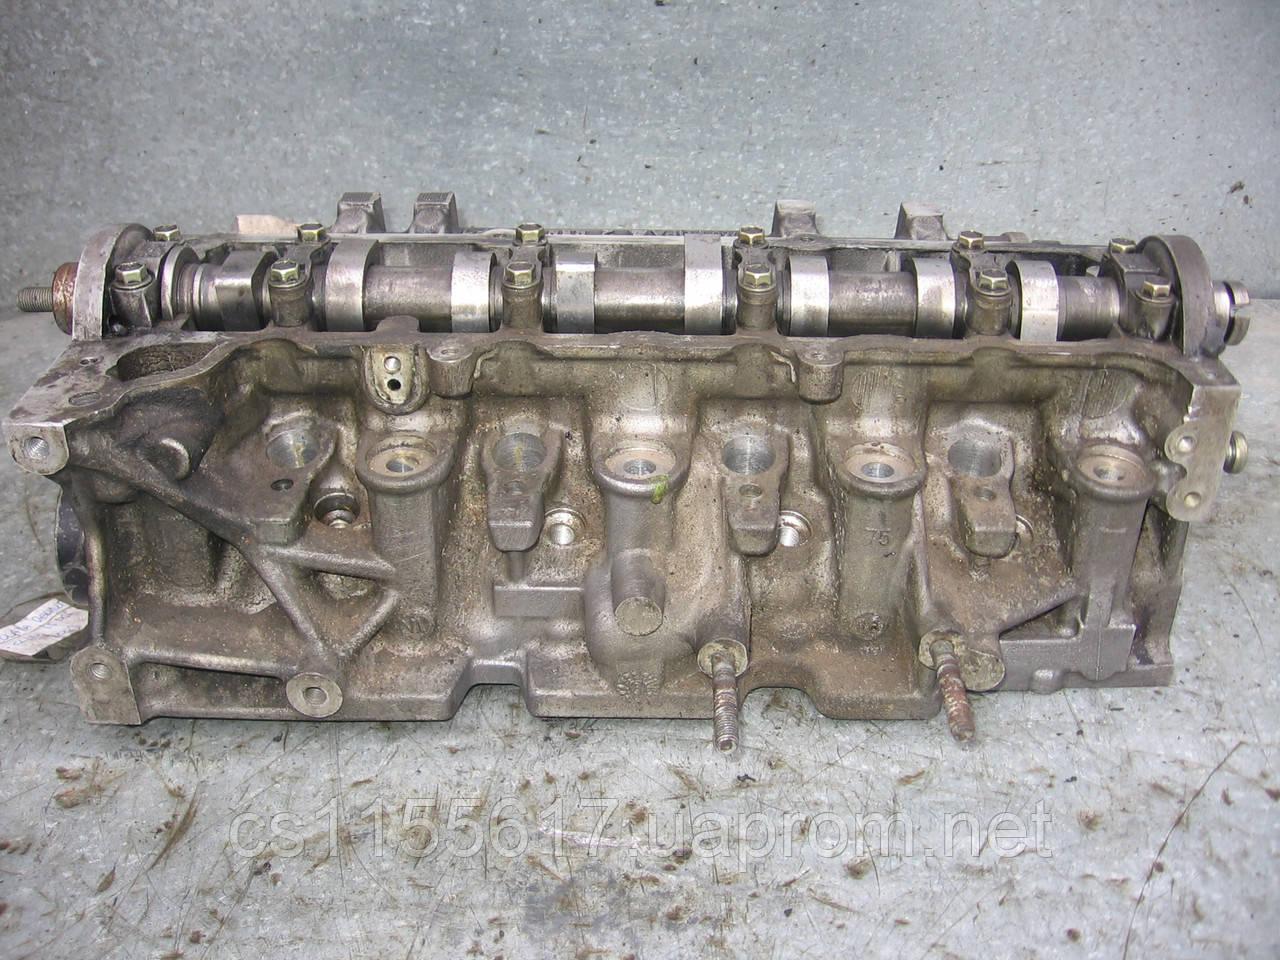 Головка блока цилиндров K9K03 б/у 1.5dci на Renault: Megane 2, Kangoo, Clio 2, Modus, Thalia